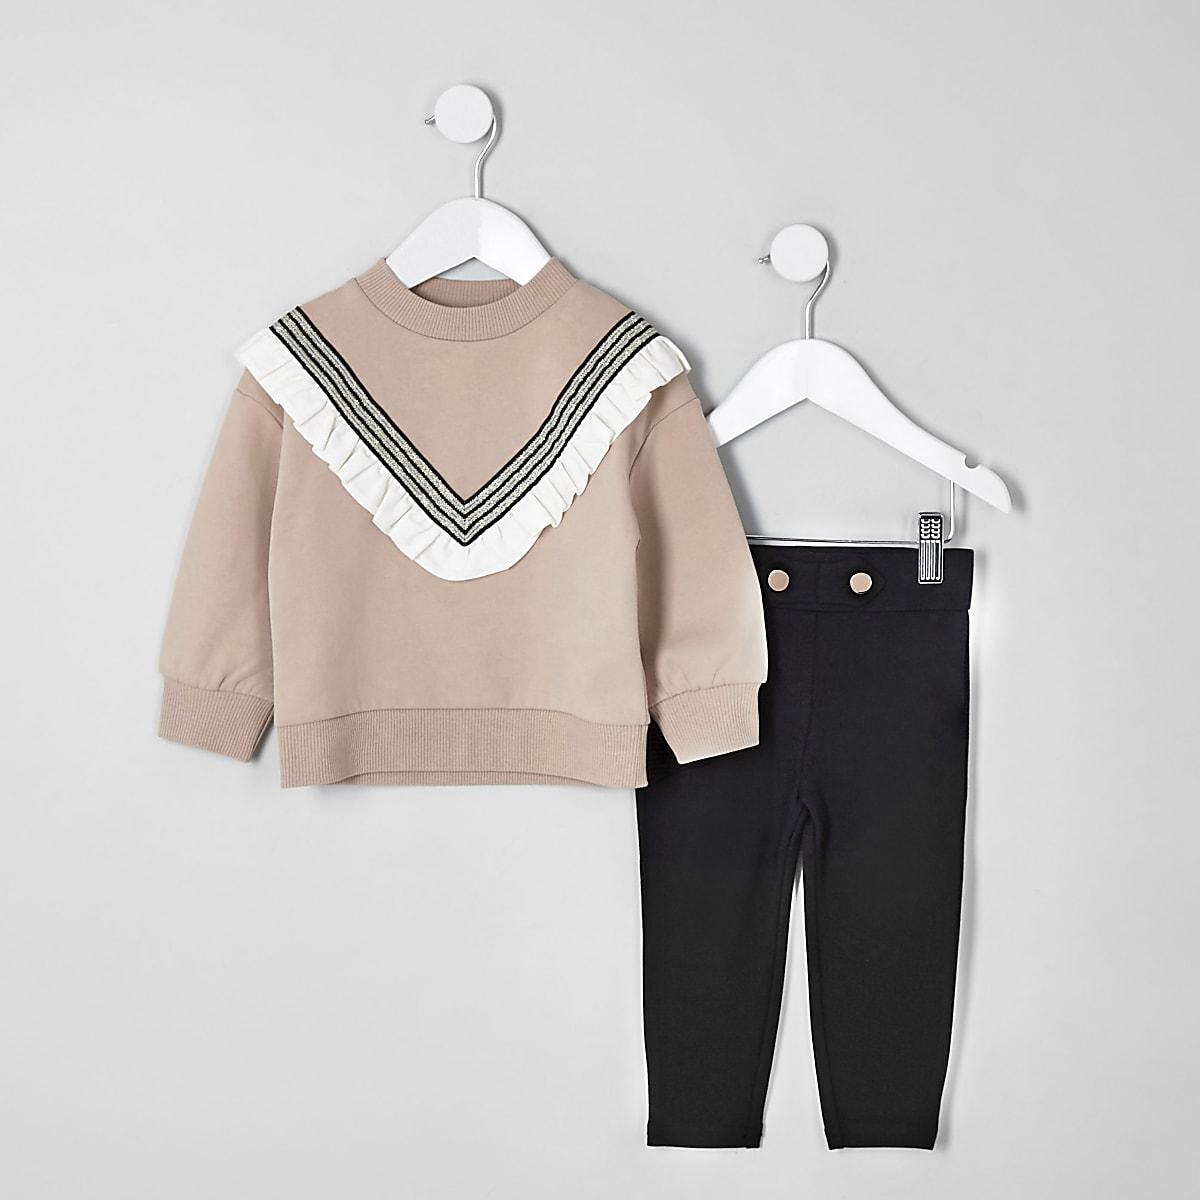 Mini - Outfit met beige chevron sweatshirt voor meisjes